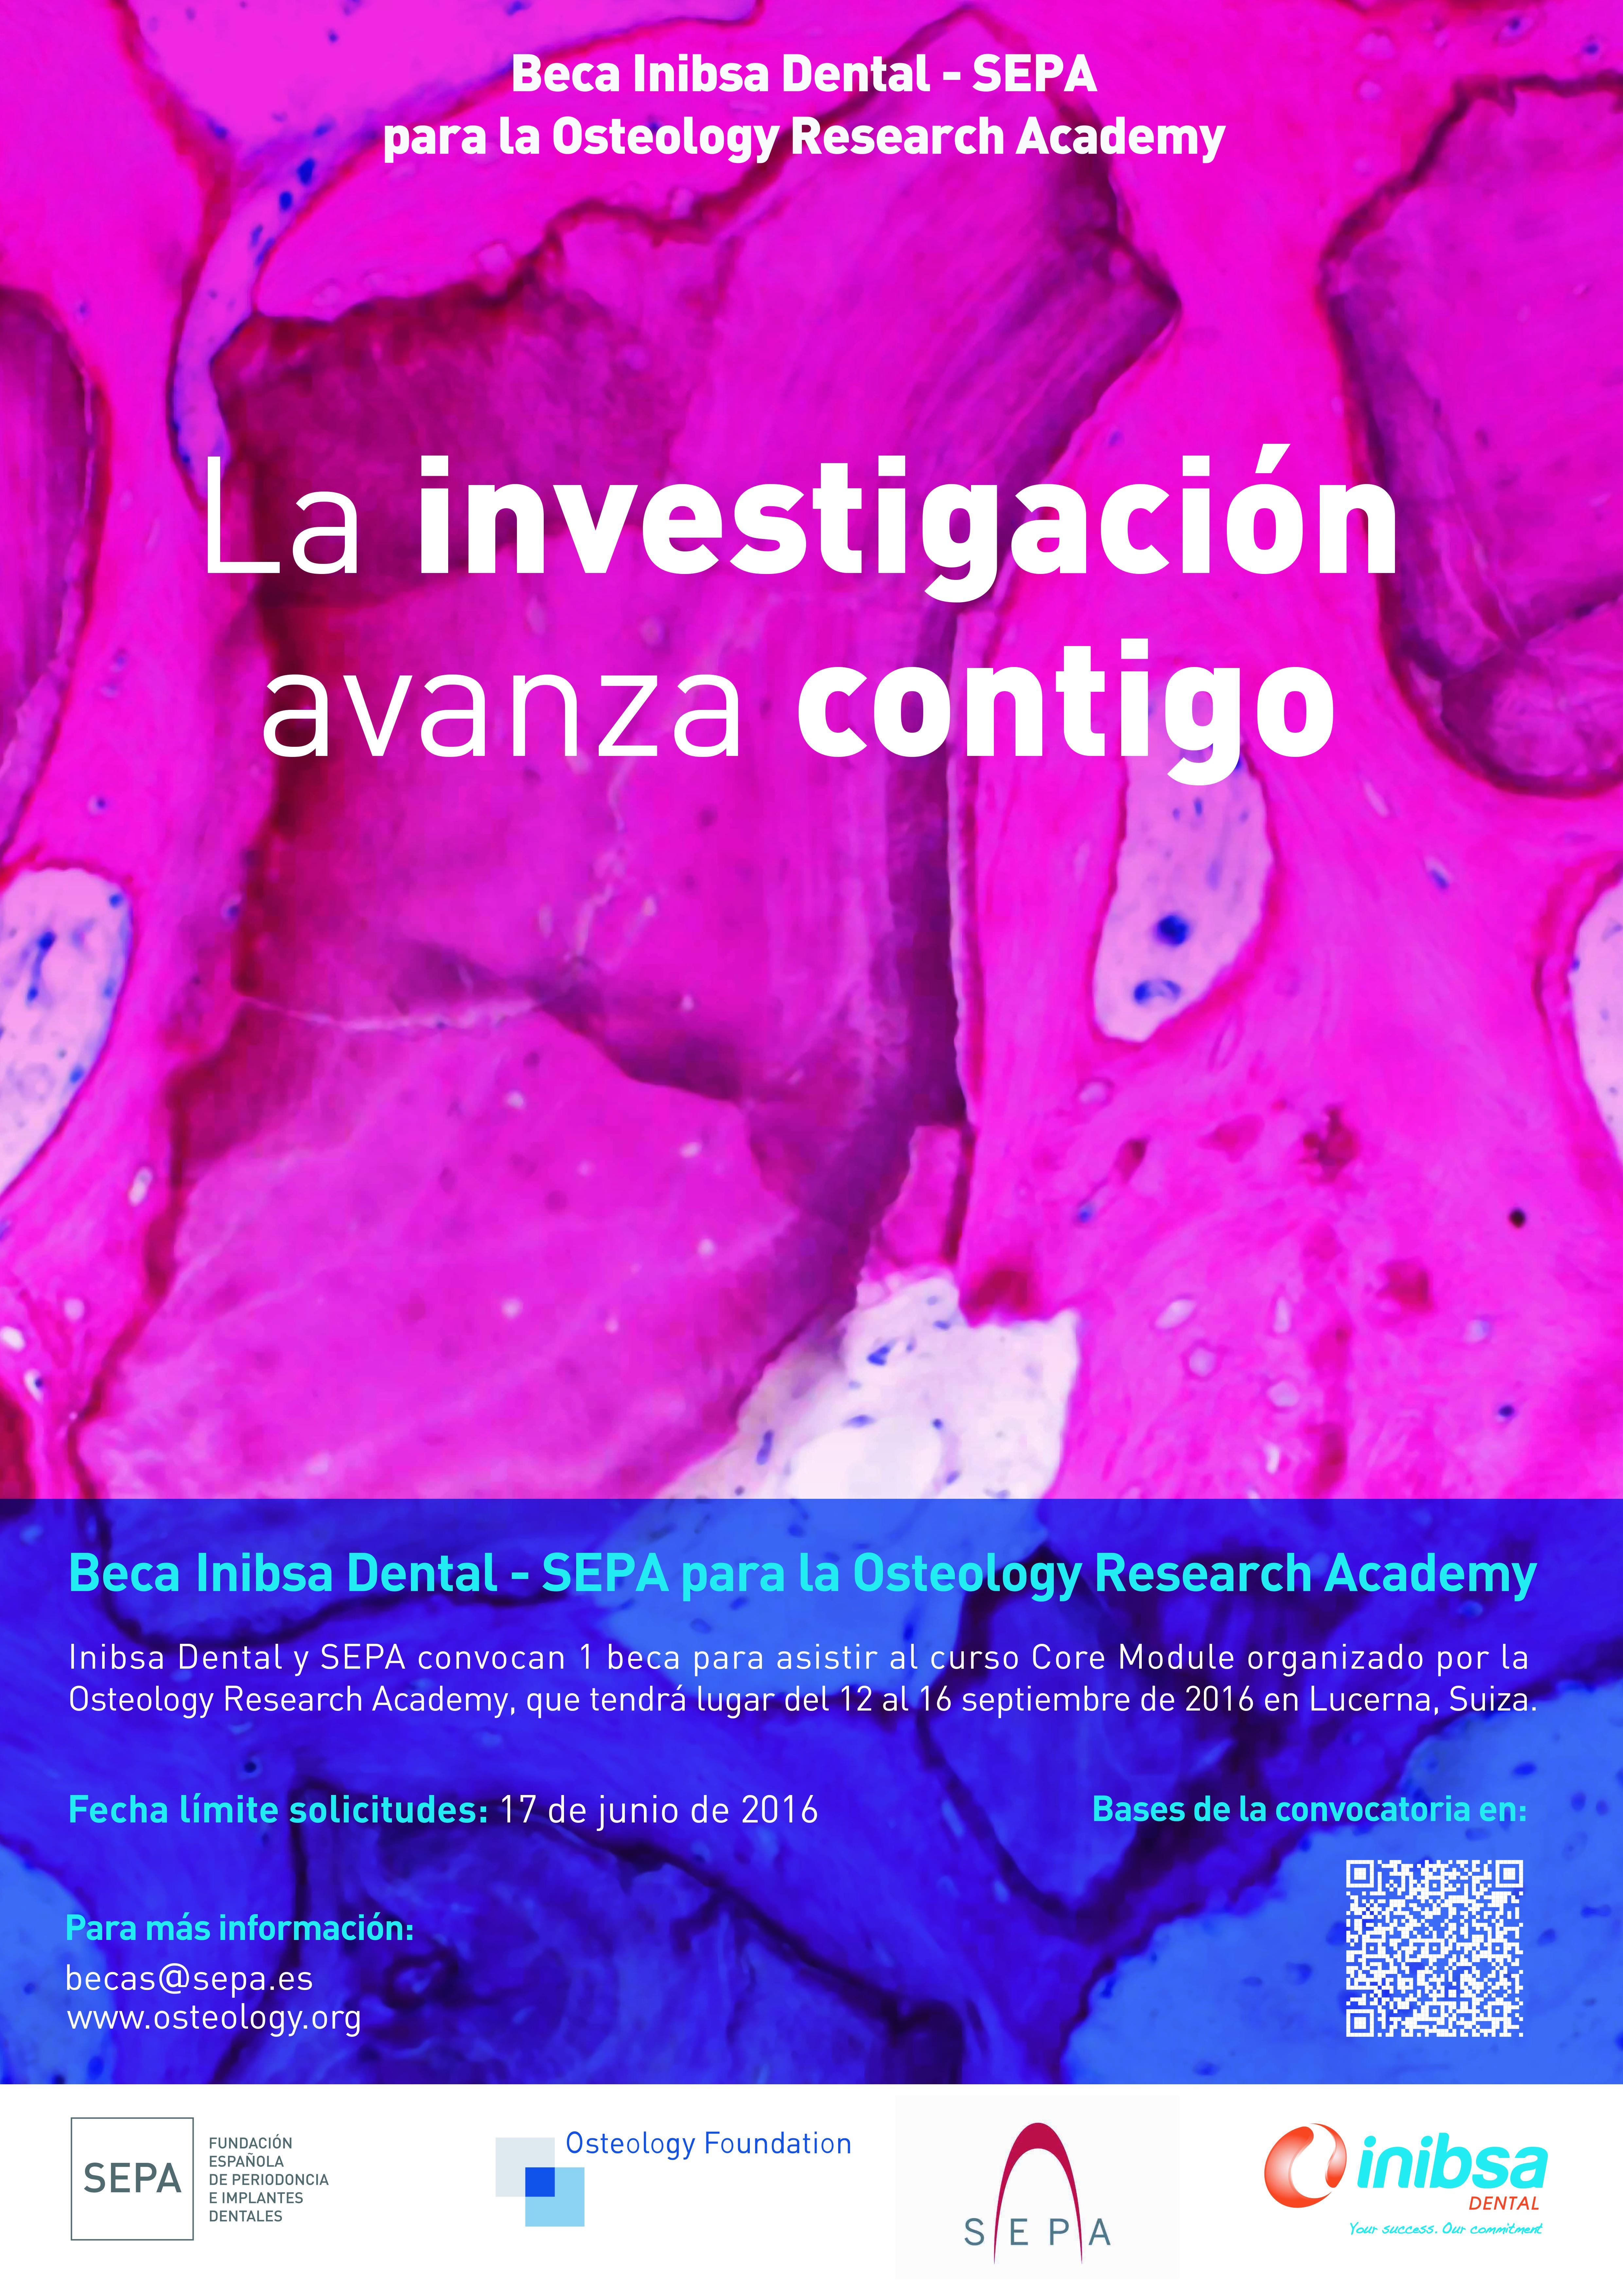 S'obre la convocatòria per a la Beca Inibsa Dental–SEPA per a la formació internacional de l'Osteology Research Academy